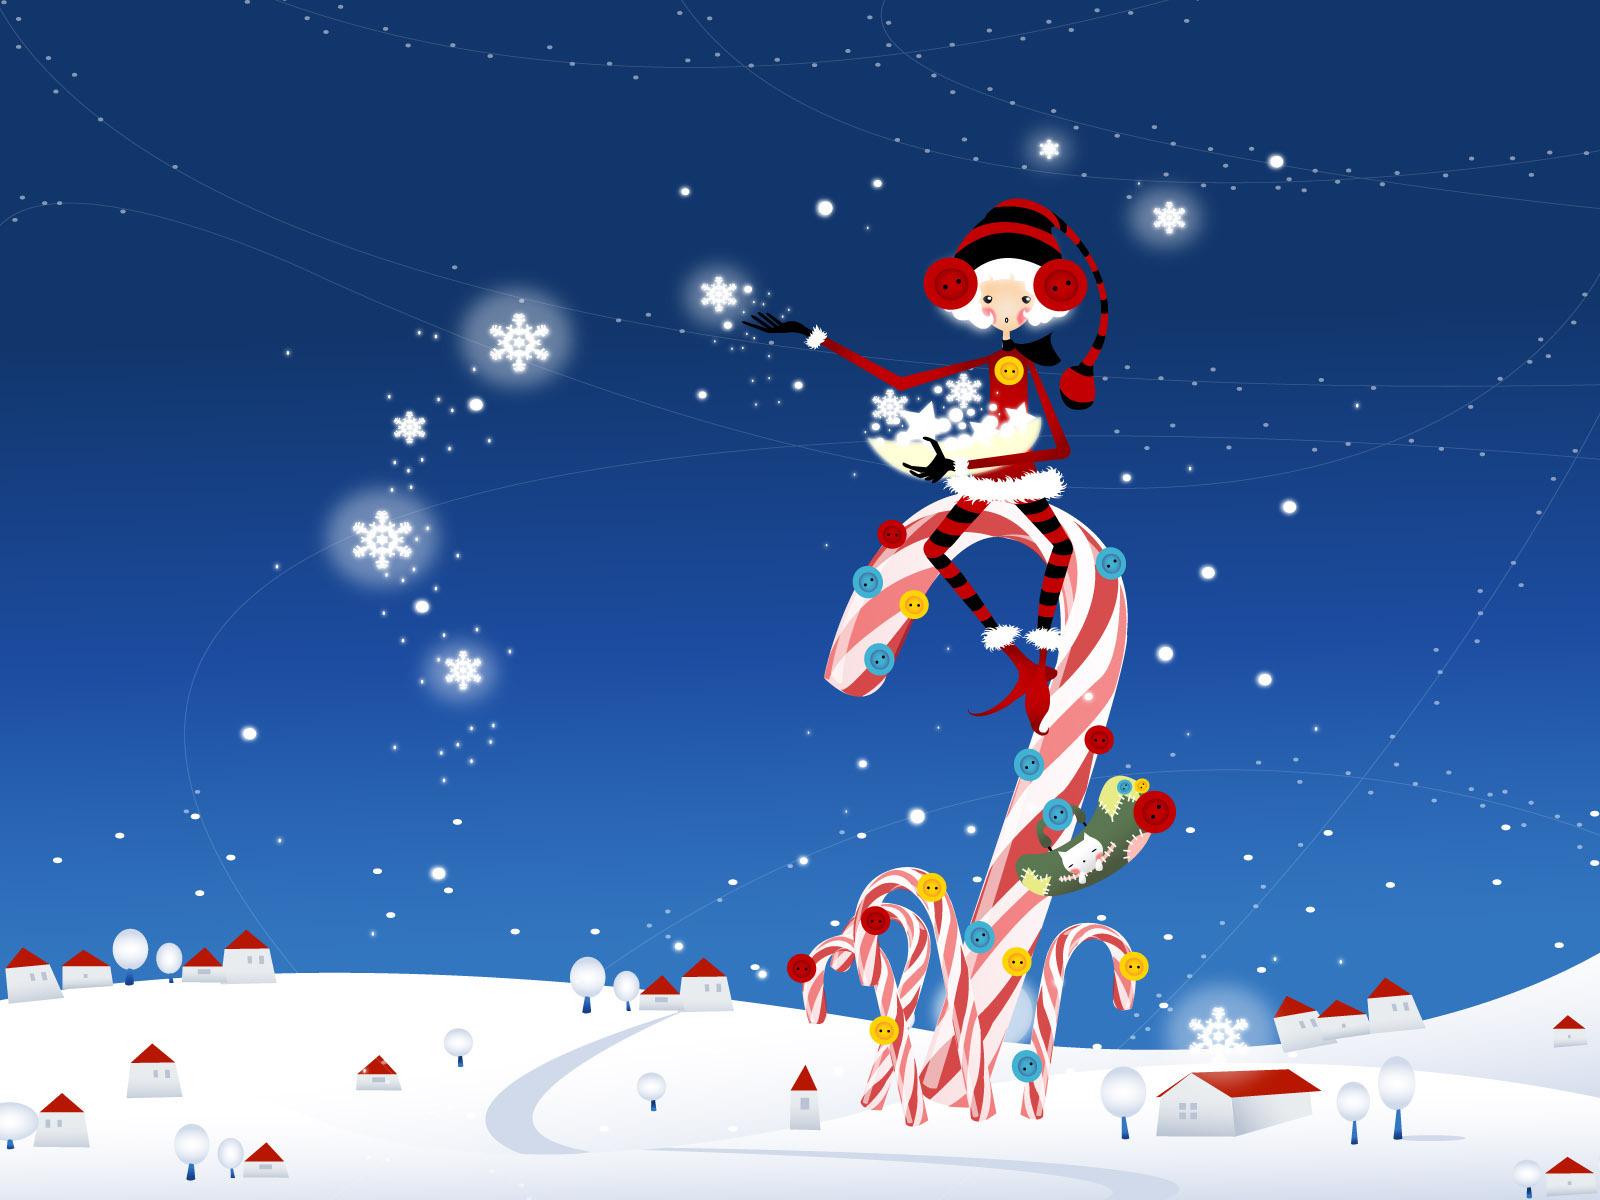 49 Animated Christmas Wallpaper With Music On Wallpapersafari